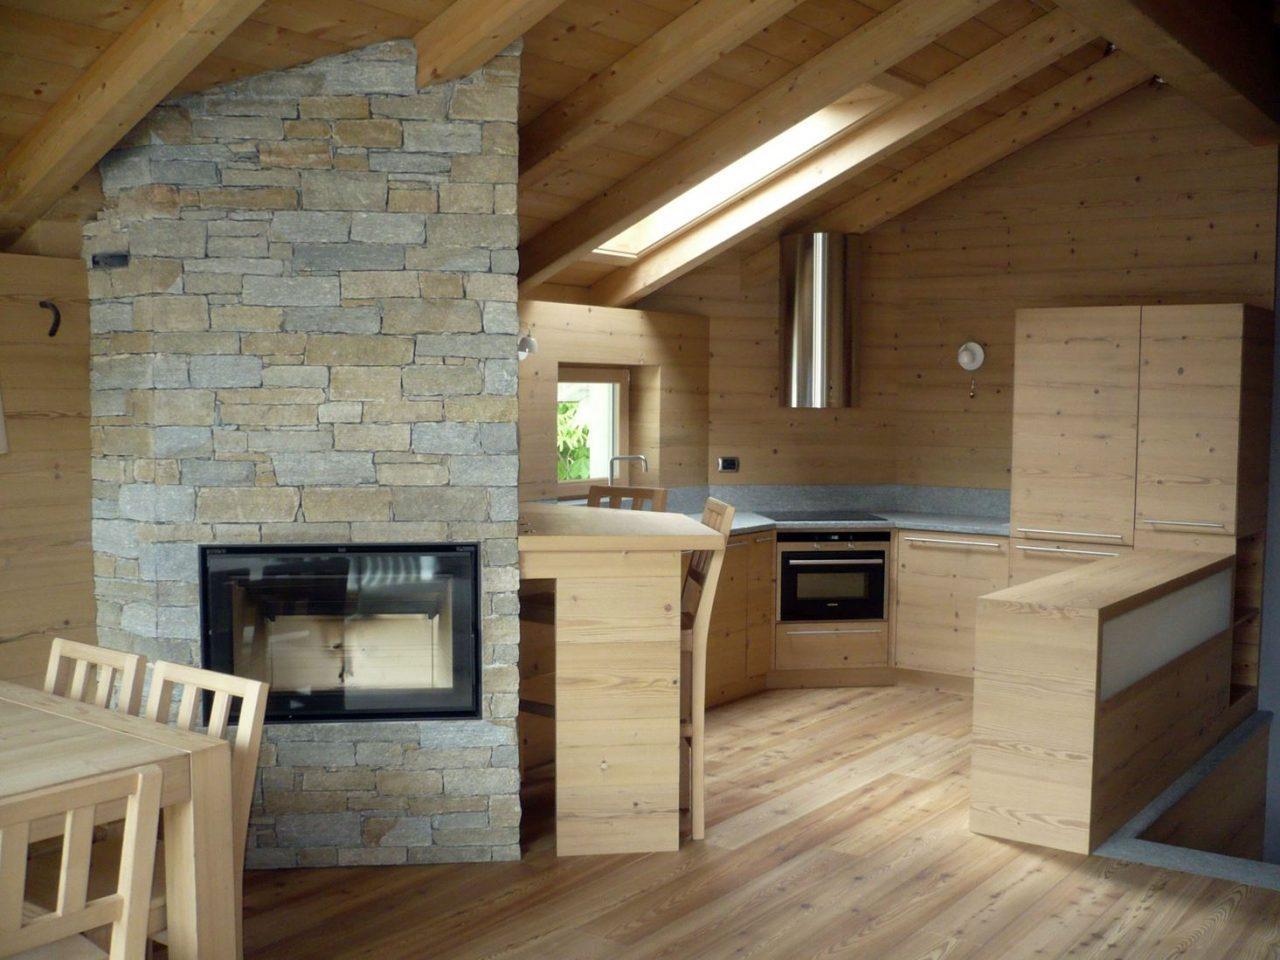 Un loft in legno nel sottotetto for Case loft